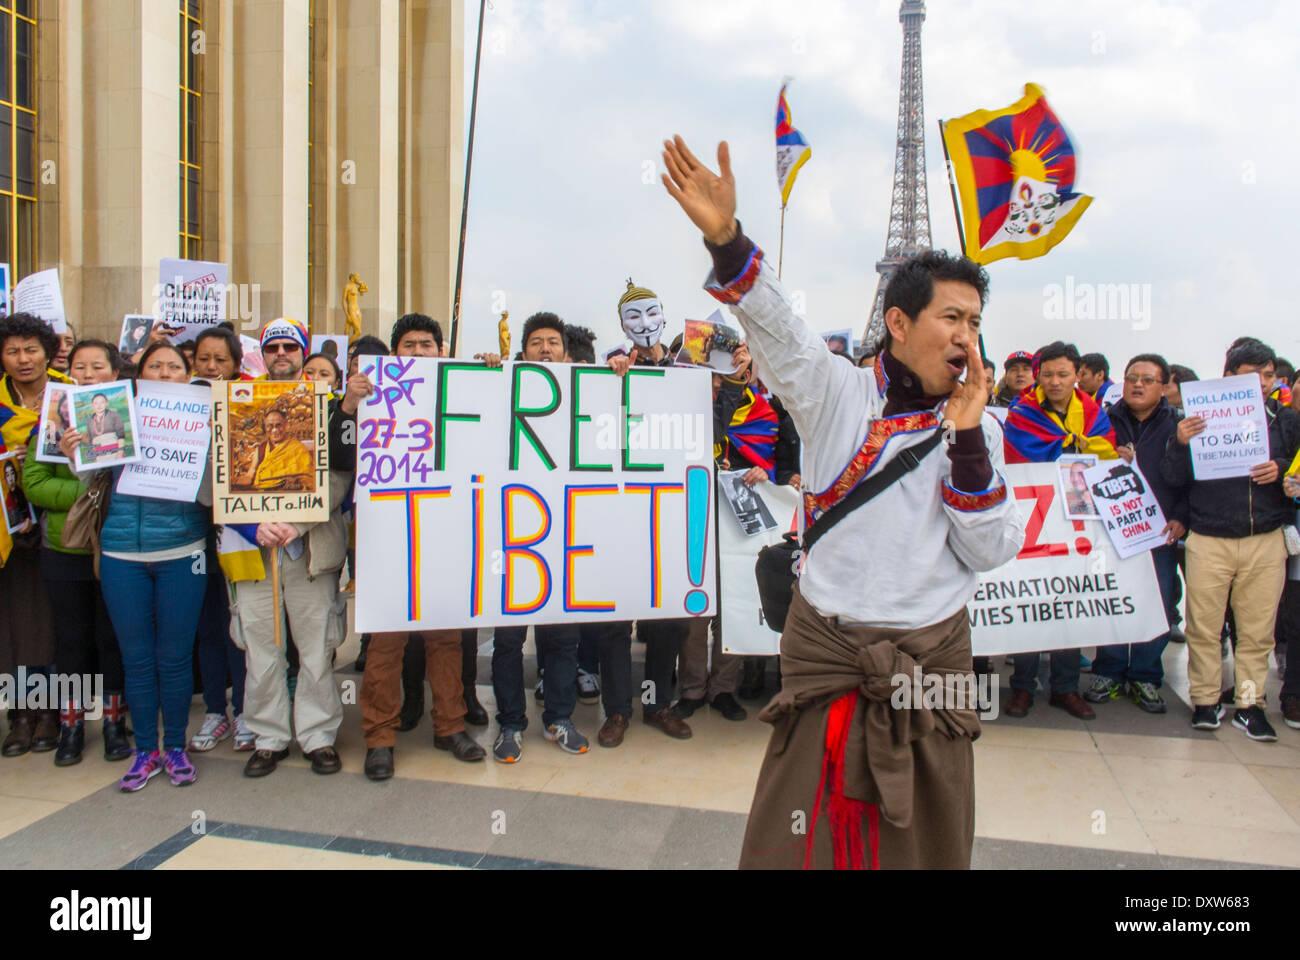 Une foule de Tibétains, de Taiwanais, de communautés ethniques de France, de migrants et d'amis ont appelé les citoyens français à se mobiliser lors de la visite du président chinois à Paris, en tenant des panneaux de protestation, des hommes réfugiés Banque D'Images